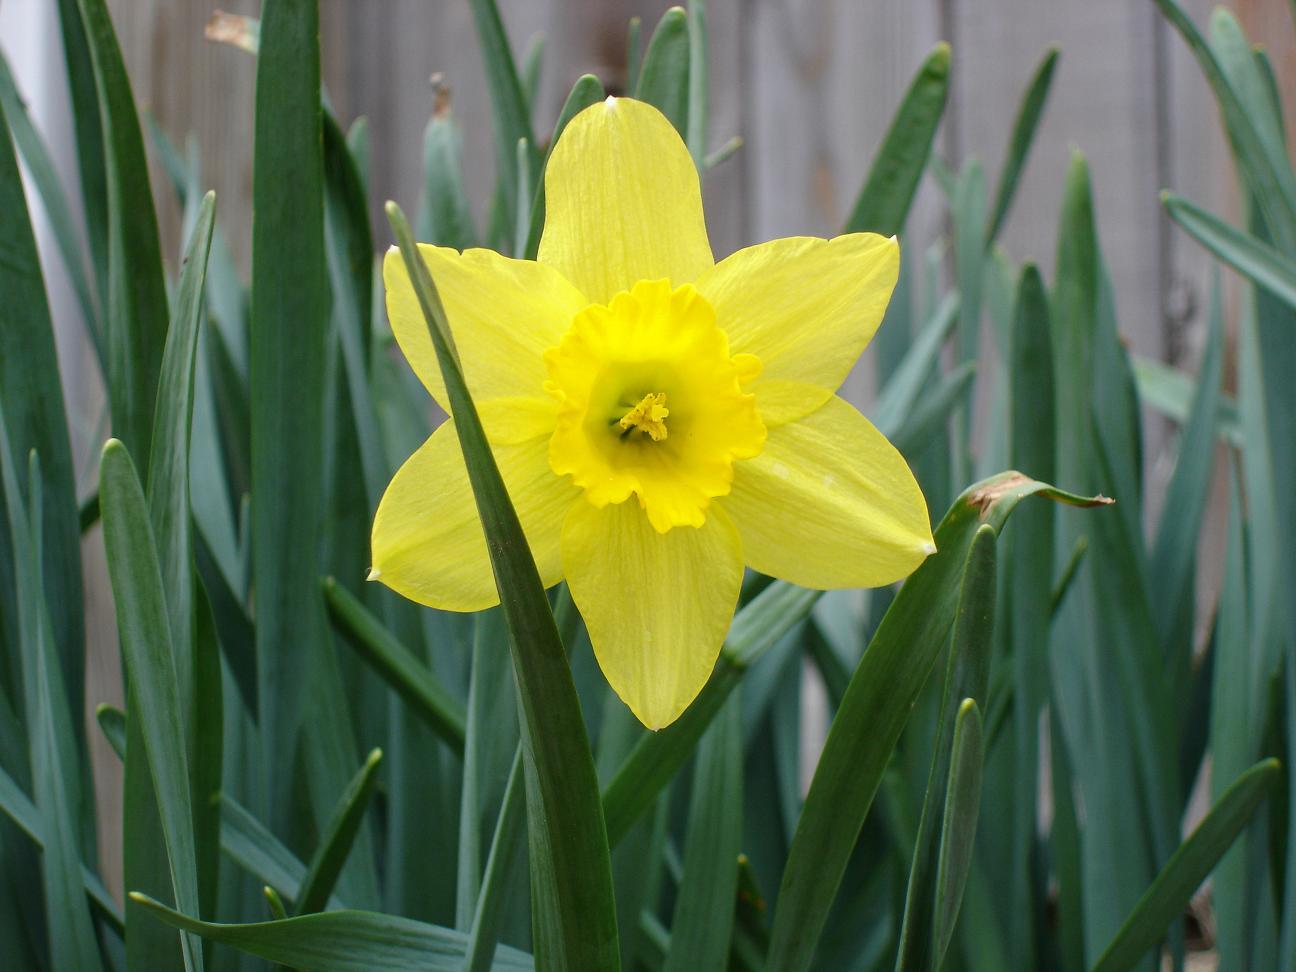 http://1.bp.blogspot.com/-hFGf_fUBB3Q/UIomJEdbLyI/AAAAAAAADZU/-QMmj4iQiHQ/s1600/Daffodil-Flower-Picture-1.jpg